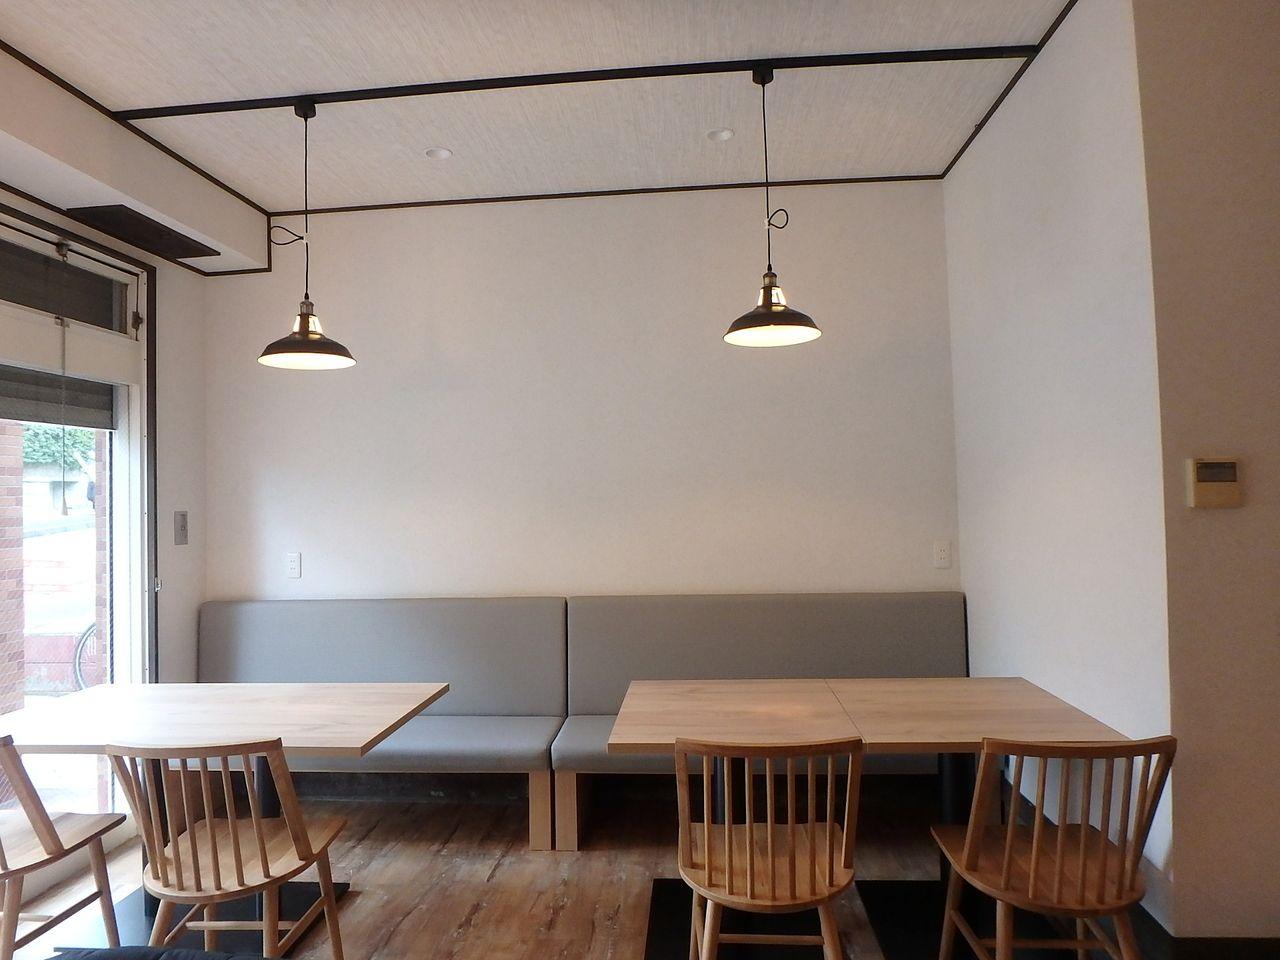 宮前平駅の周辺に、住民が普段使いできる食堂がもっとあったらいいな、という社長の想いをうけて・・・2019年1月、ついに「食堂」をつくっちゃいます!他の駅に出かけるほどの特別でもなく、でも今日は外食…